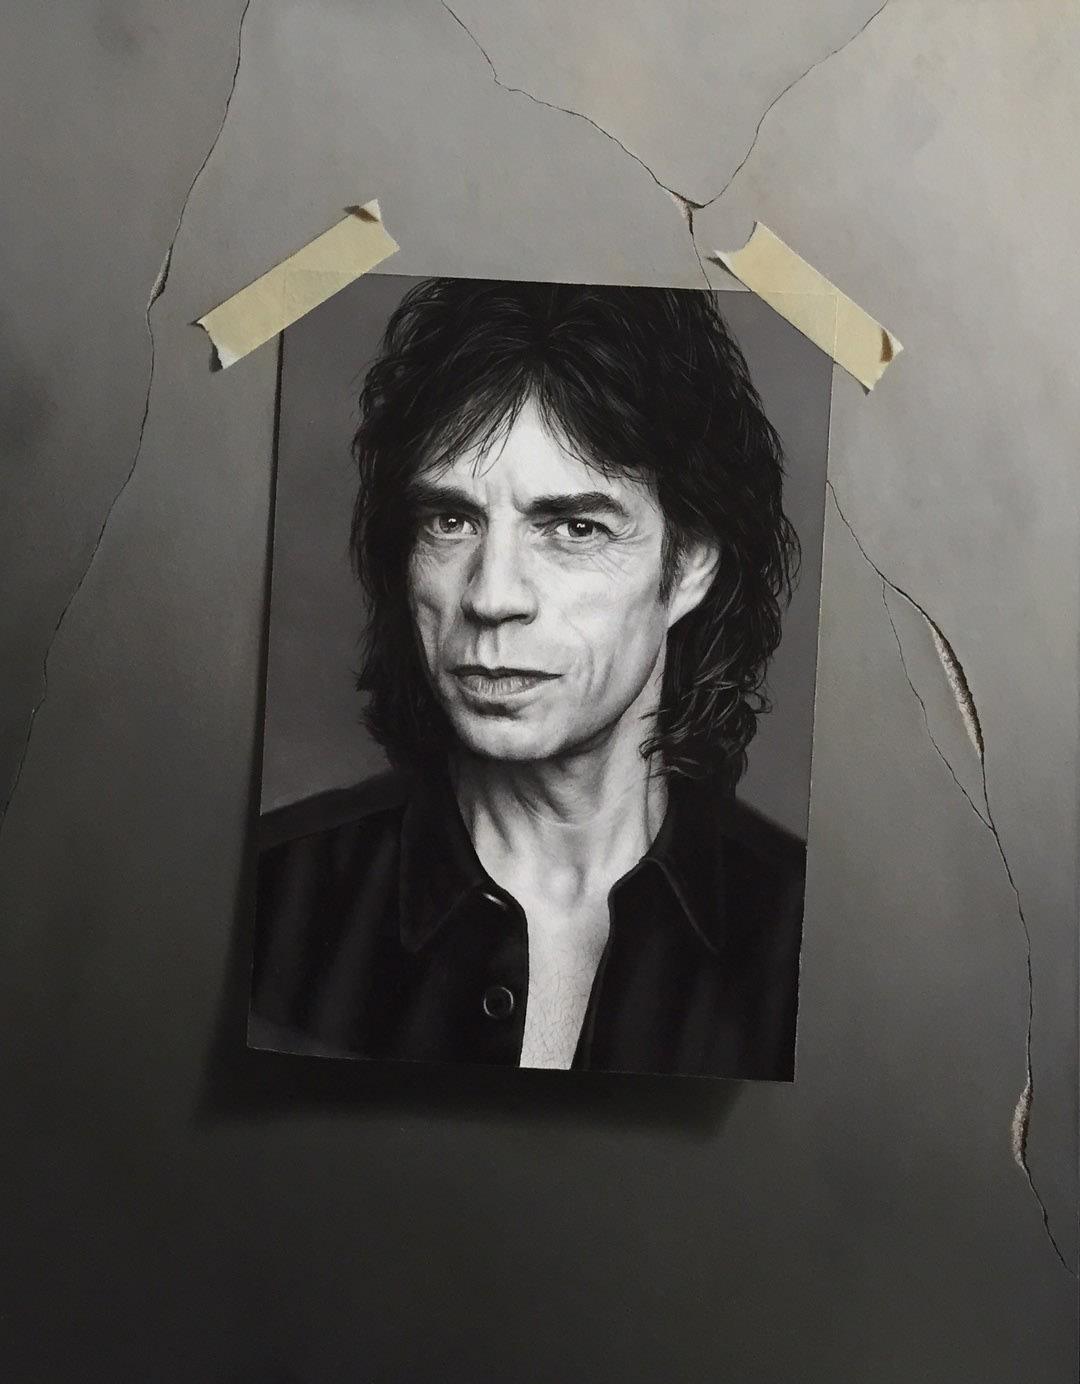 Otto Duecker Mick Oil on board 46 x 35 cm